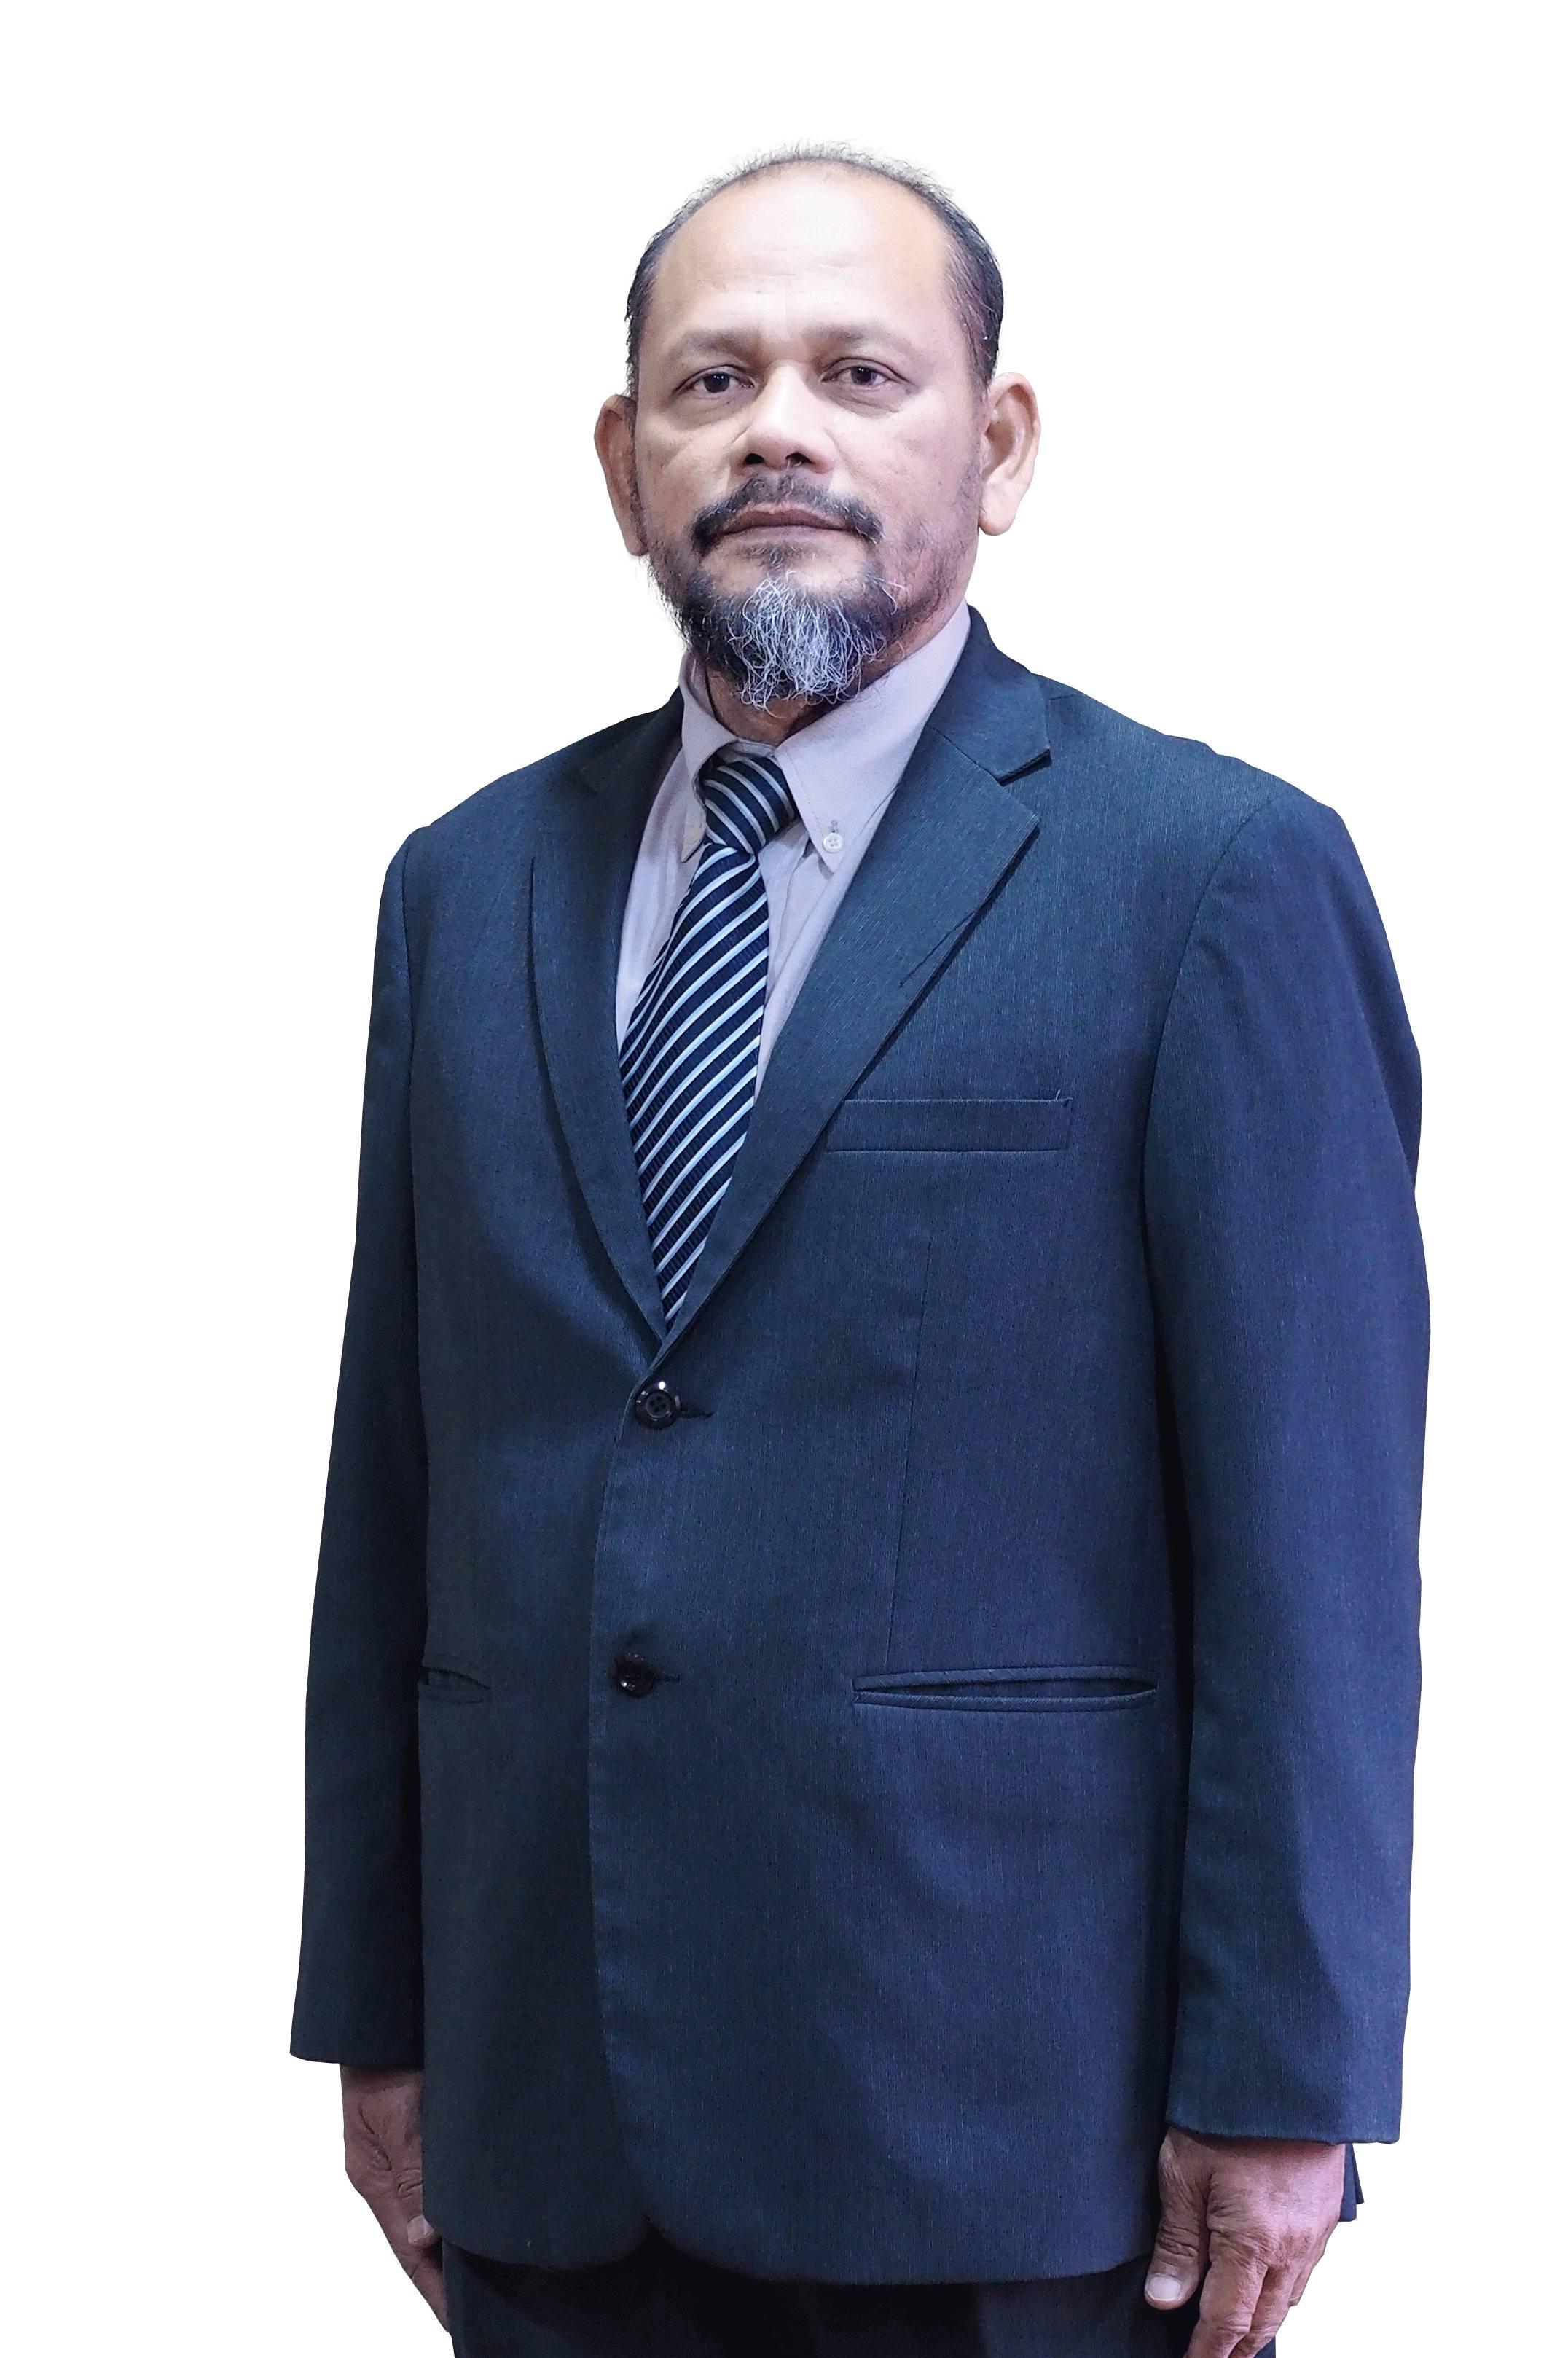 Dato' HJ Ramli bin Chik